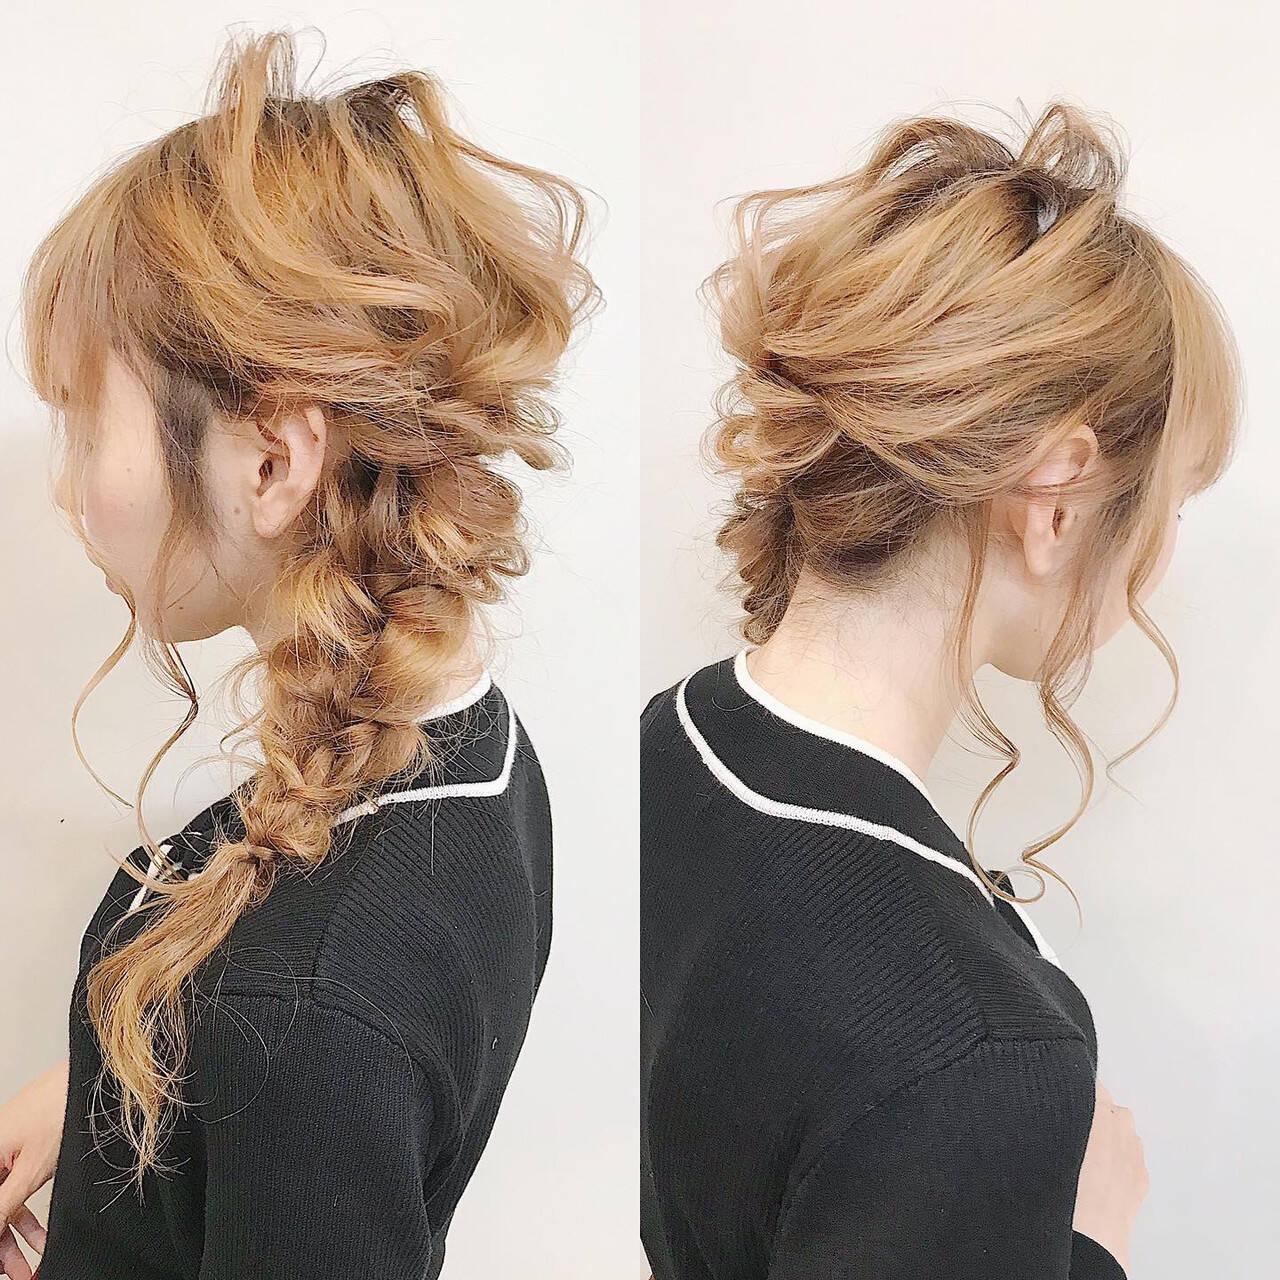 結婚式ヘアアレンジ セルフヘアアレンジ ナチュラル ヘアアレンジヘアスタイルや髪型の写真・画像